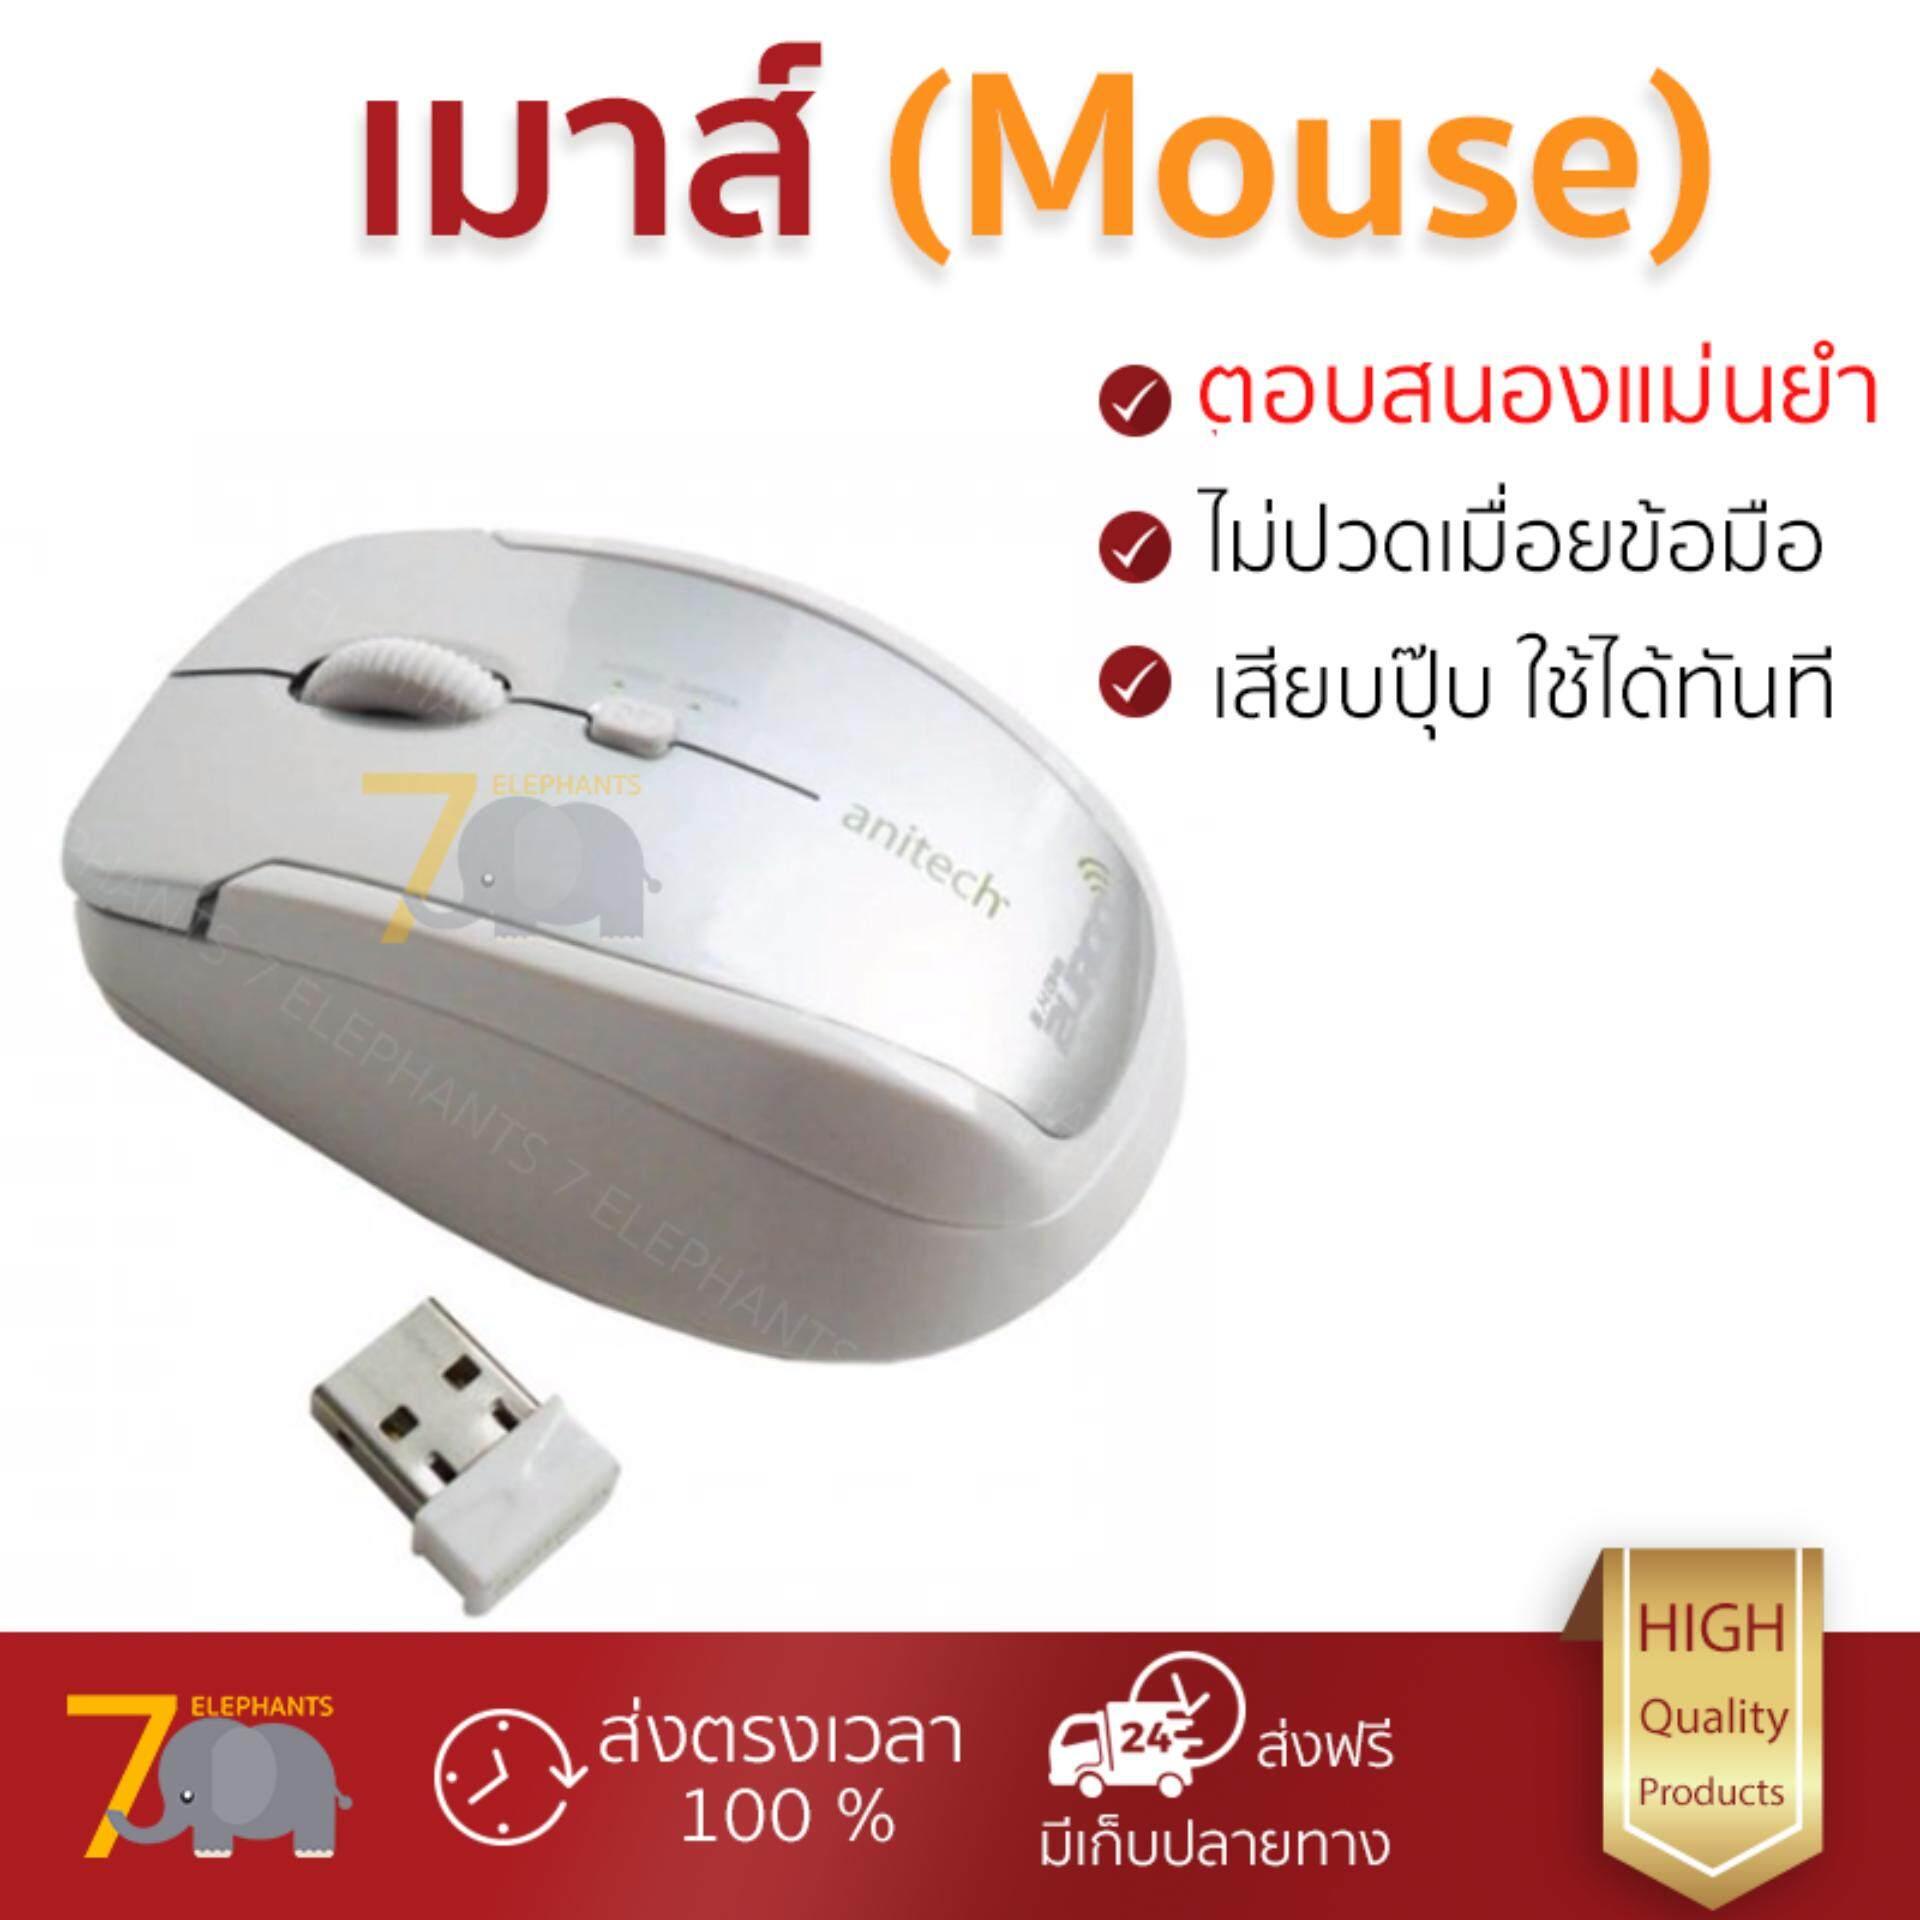 ขายดีมาก! รุ่นใหม่ล่าสุด เมาส์           ANITECH เมาส์ไร้สาย (สีขาว) รุ่น MW211-SL             เซนเซอร์คุณภาพสูง ทำงานได้ลื่นไหล ไม่มีสะดุด Computer Mouse  รับประกันสินค้า 1 ปี จัดส่งฟรี Kerry ทั่วประ